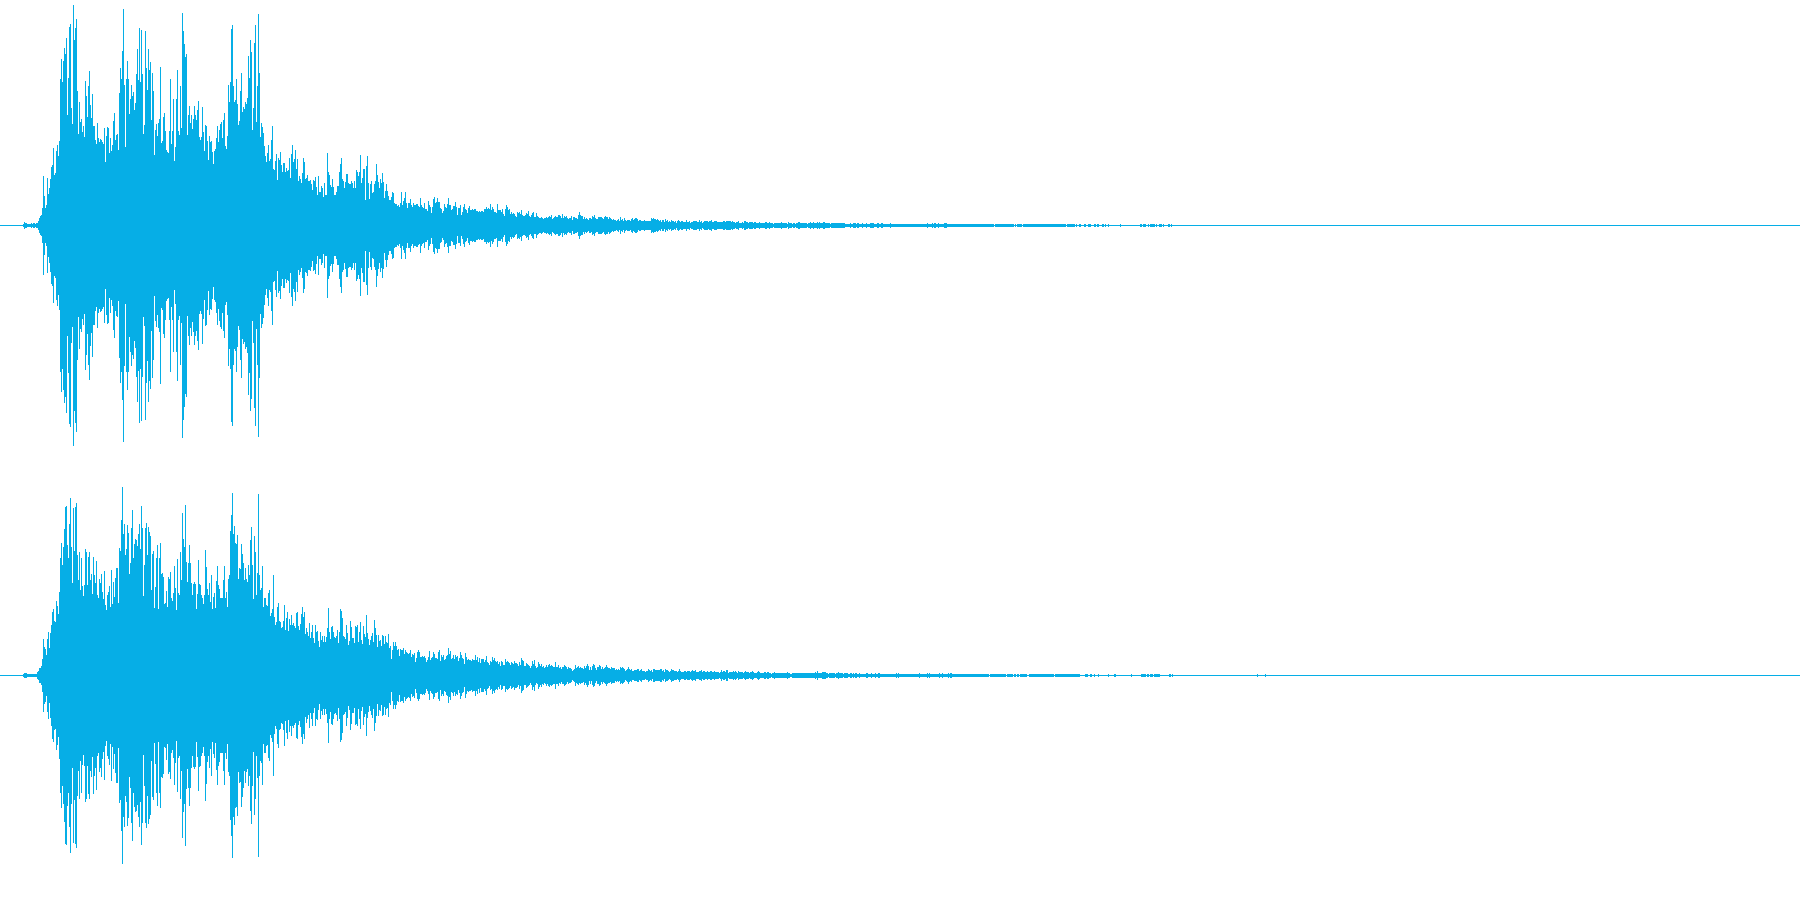 シャーン(キラキラ系、鈴、決定)の再生済みの波形